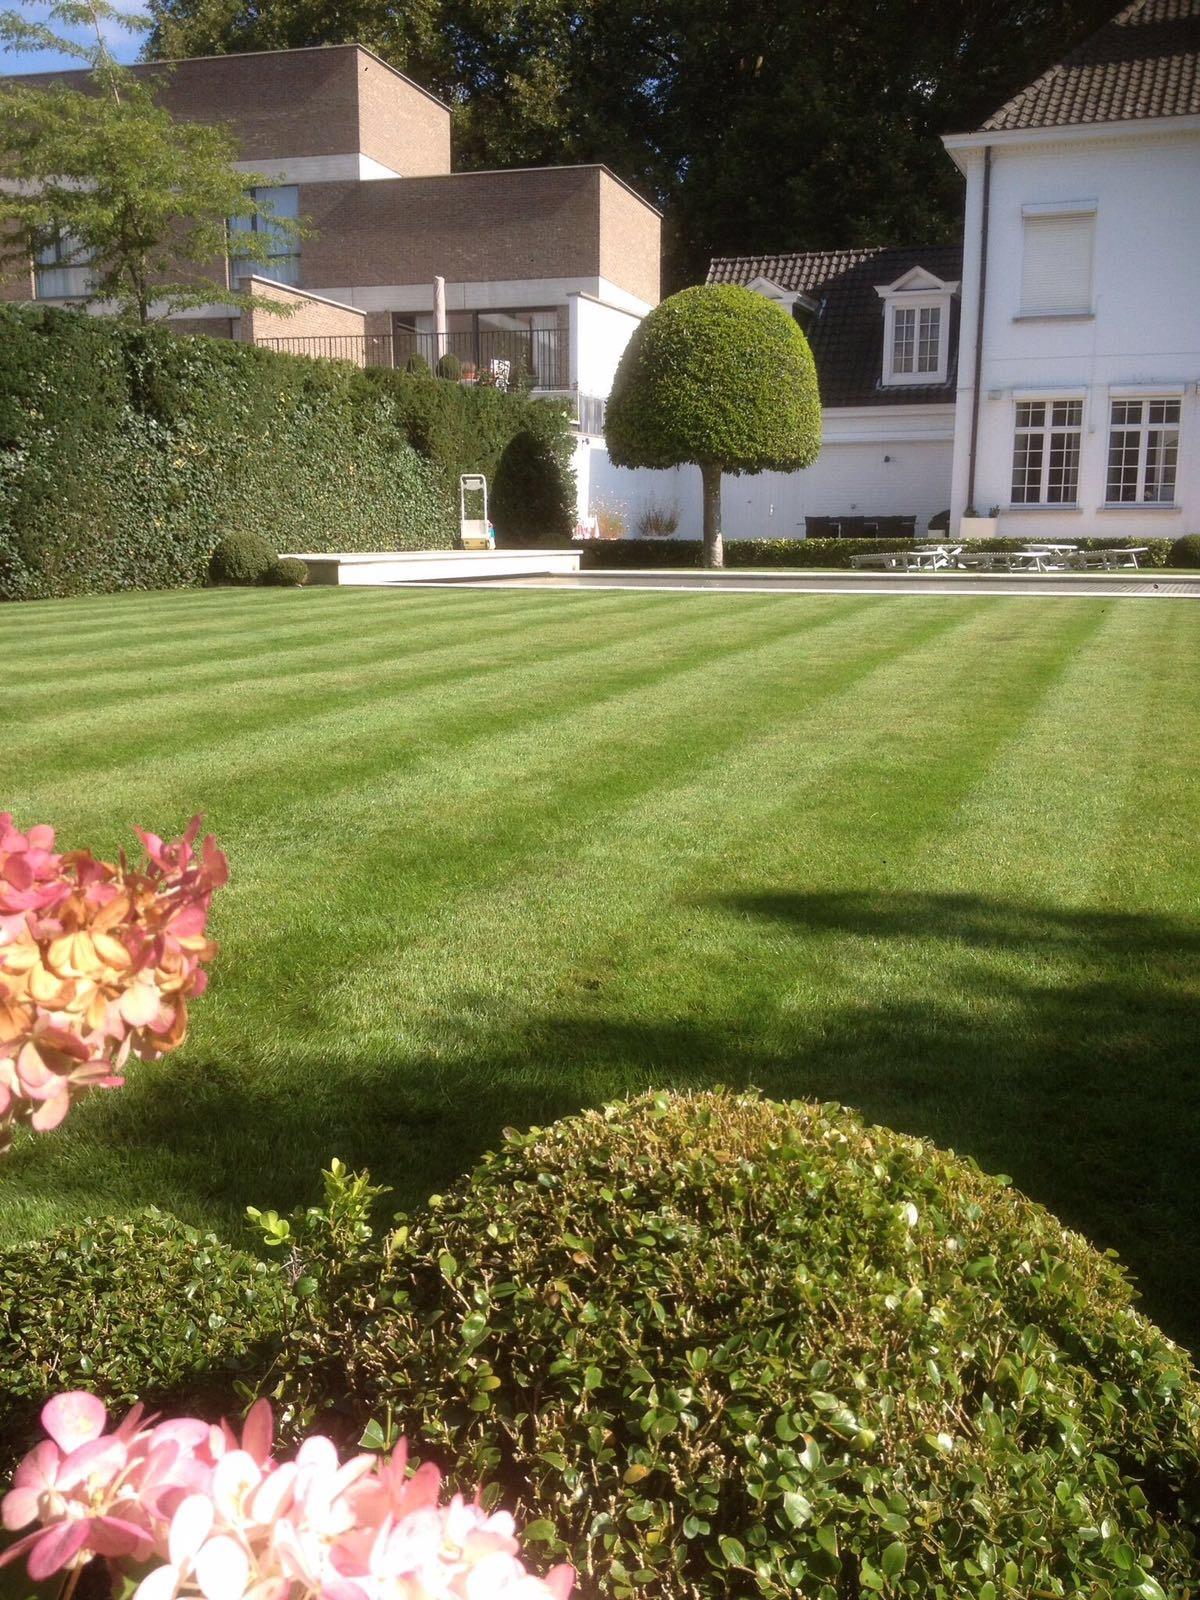 Yc gardens wij cre ren uw droomtuin for Inrichting tuin